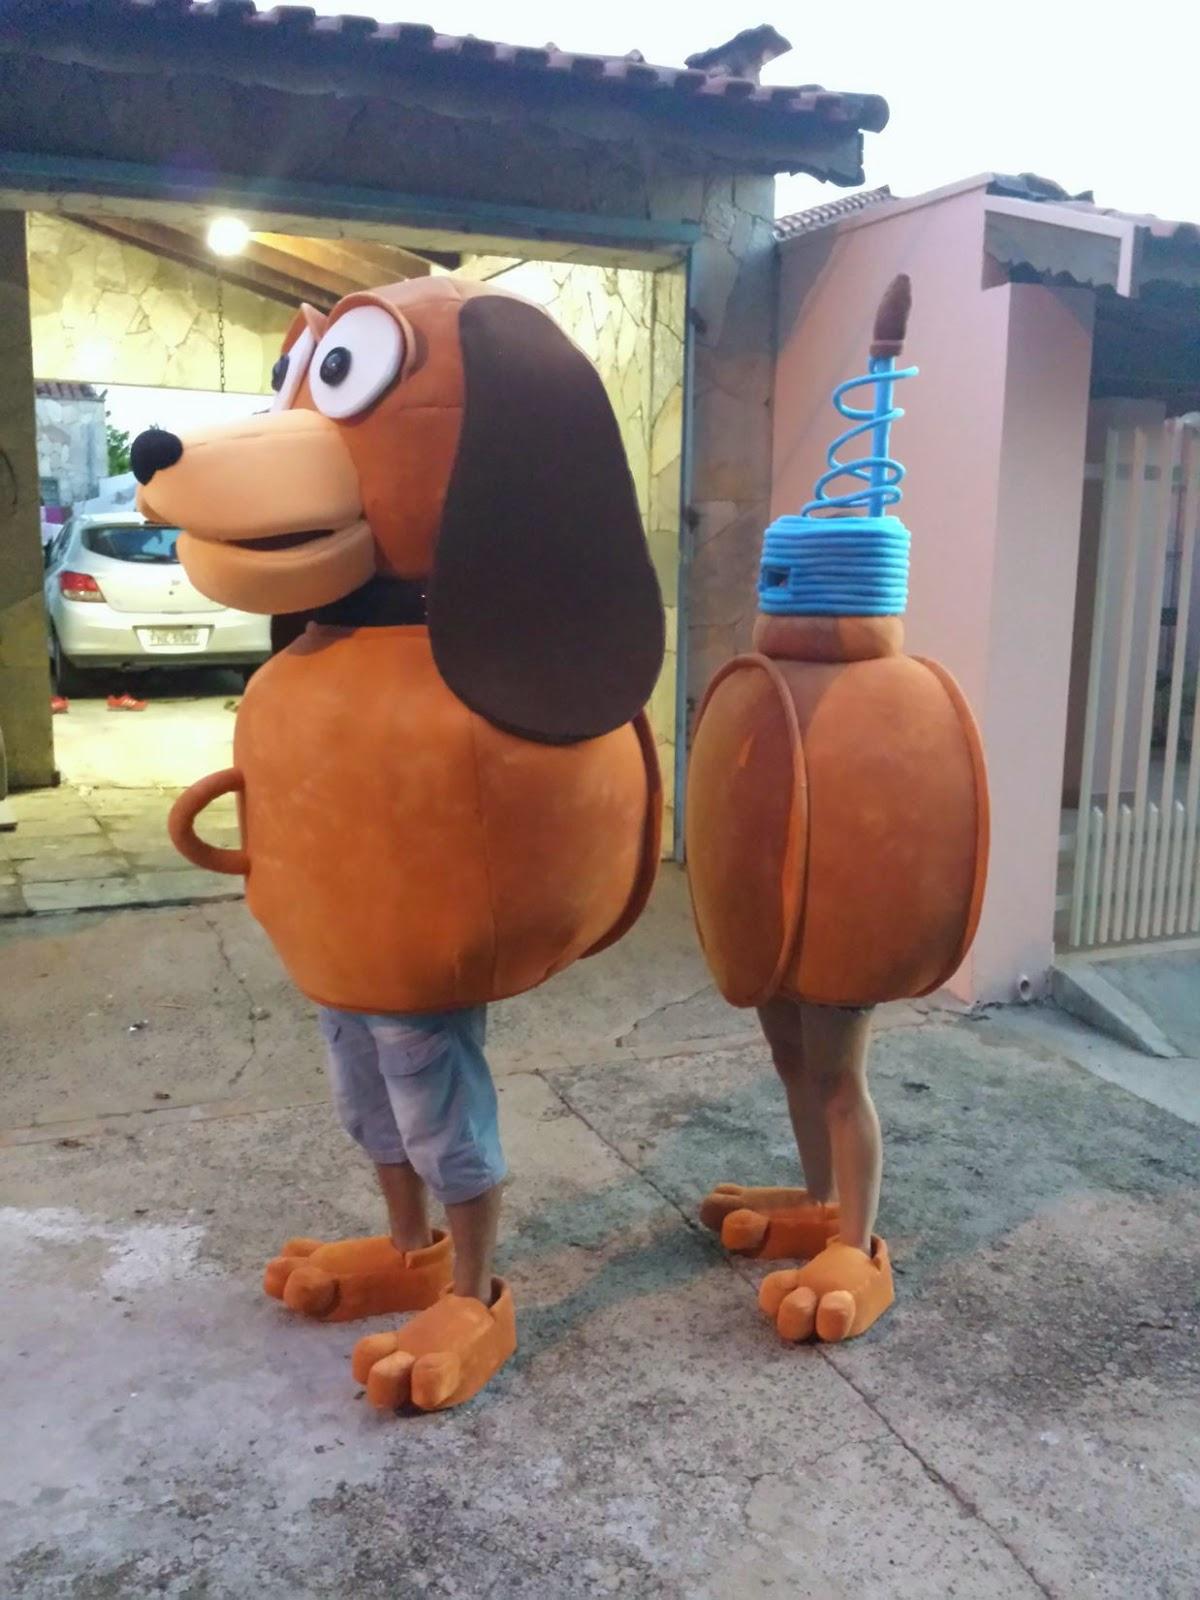 fantasia de slink toy story fantasia de cachorro fantasia de